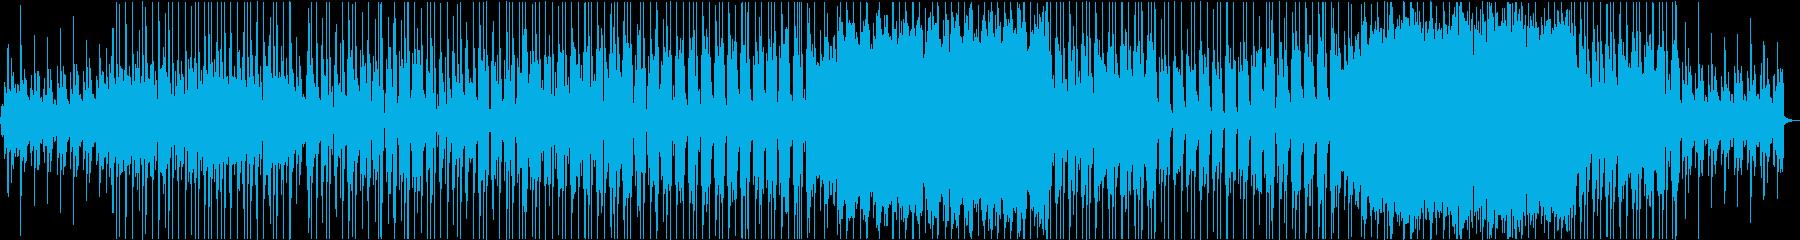 スリリングなアルペジオで始まる切なロックの再生済みの波形